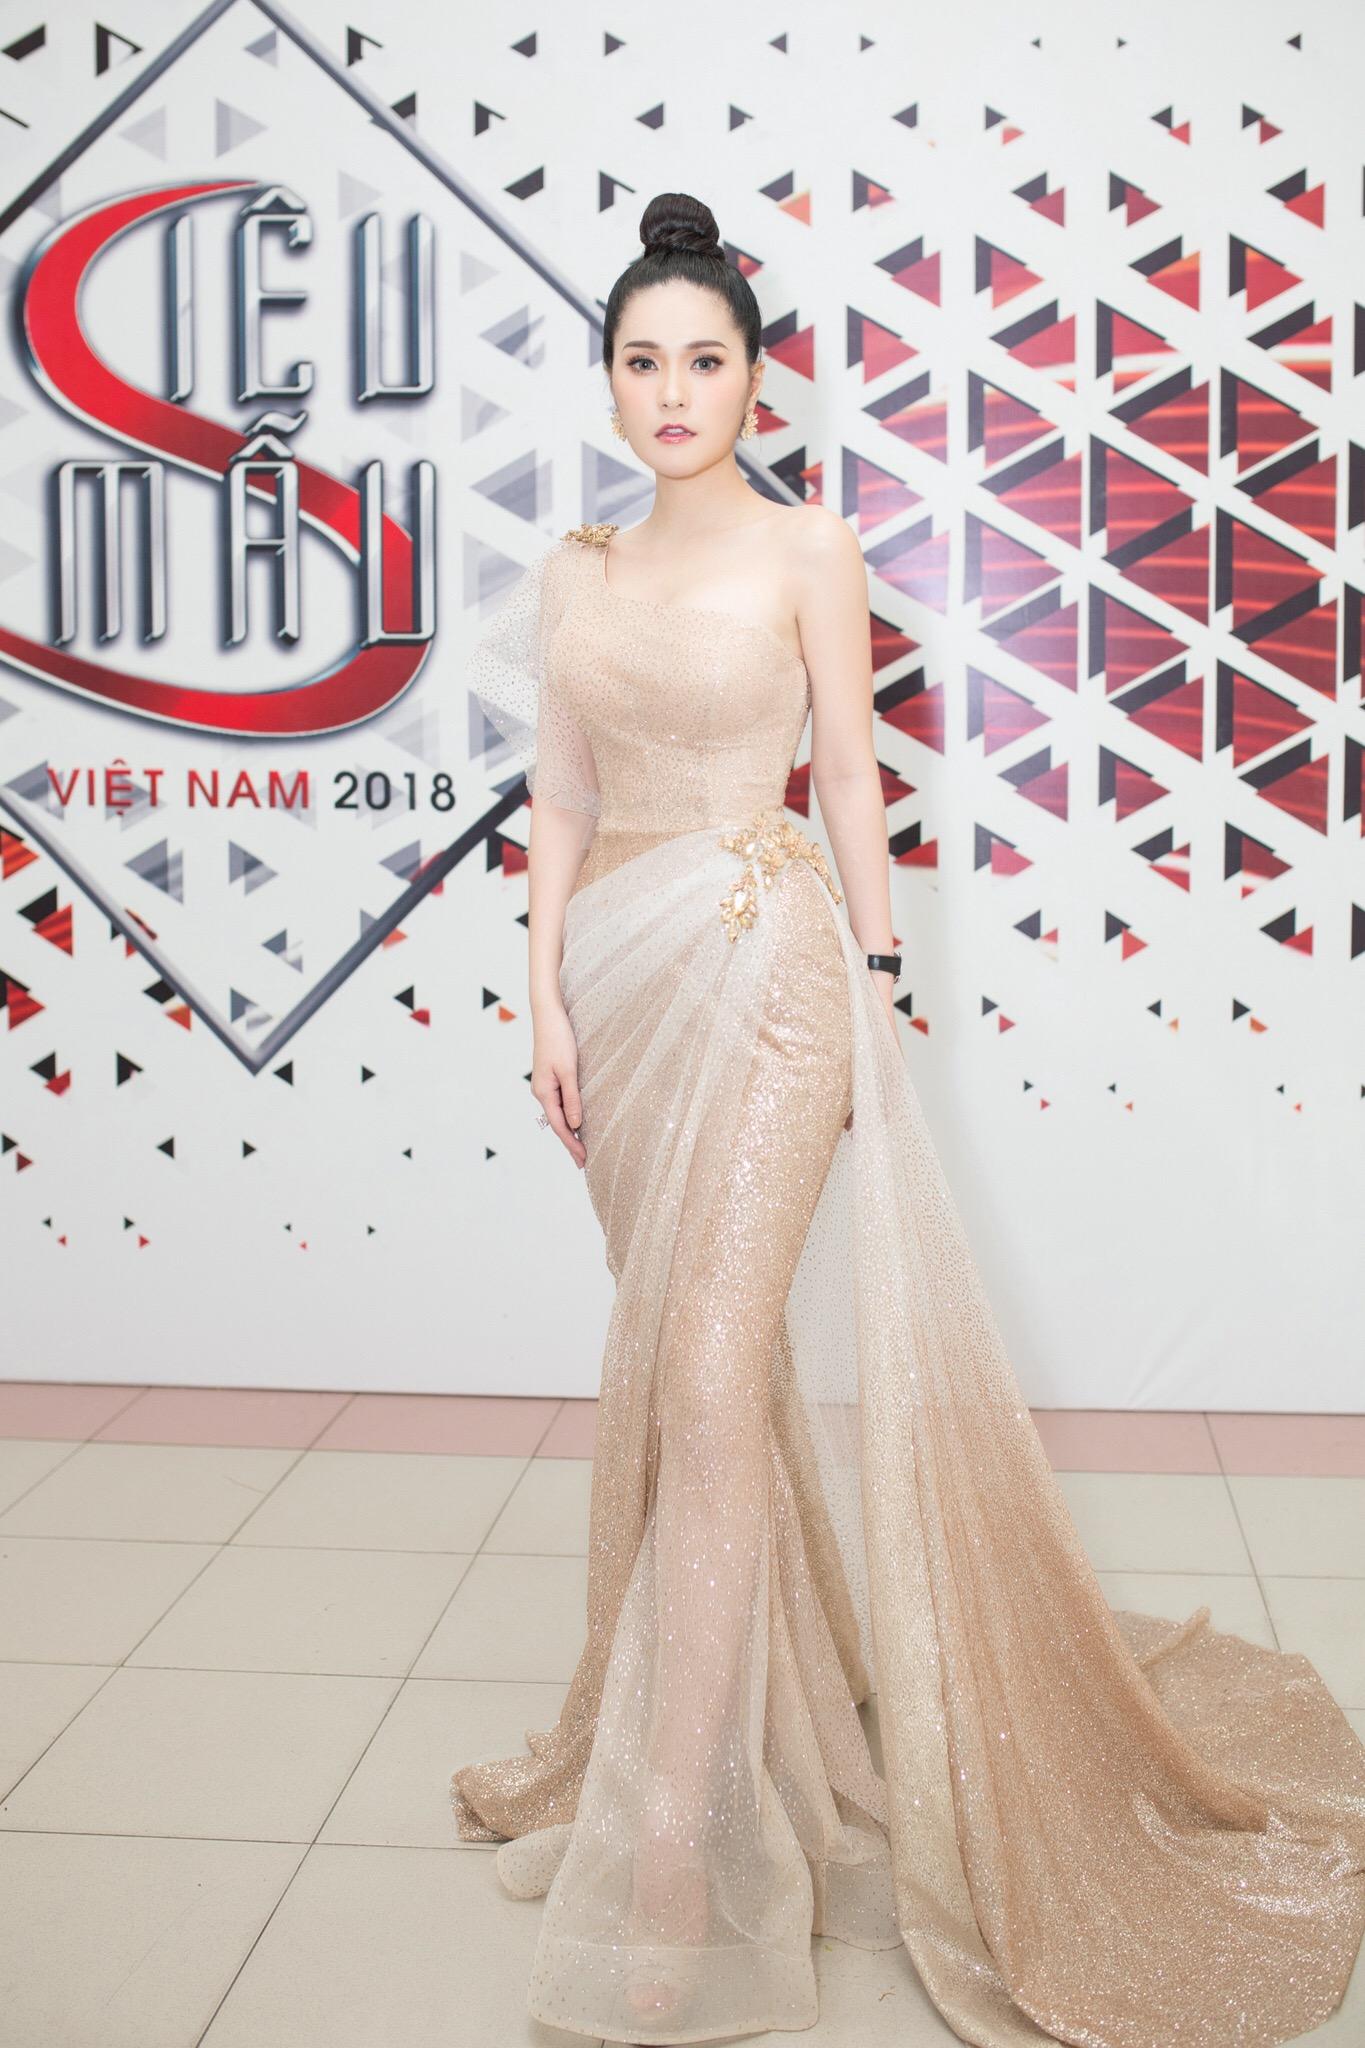 Di Băng tỏa sáng giữa dàn sao đêm chung kết Siêu Mẫu Việt 2018 - Ảnh 7.